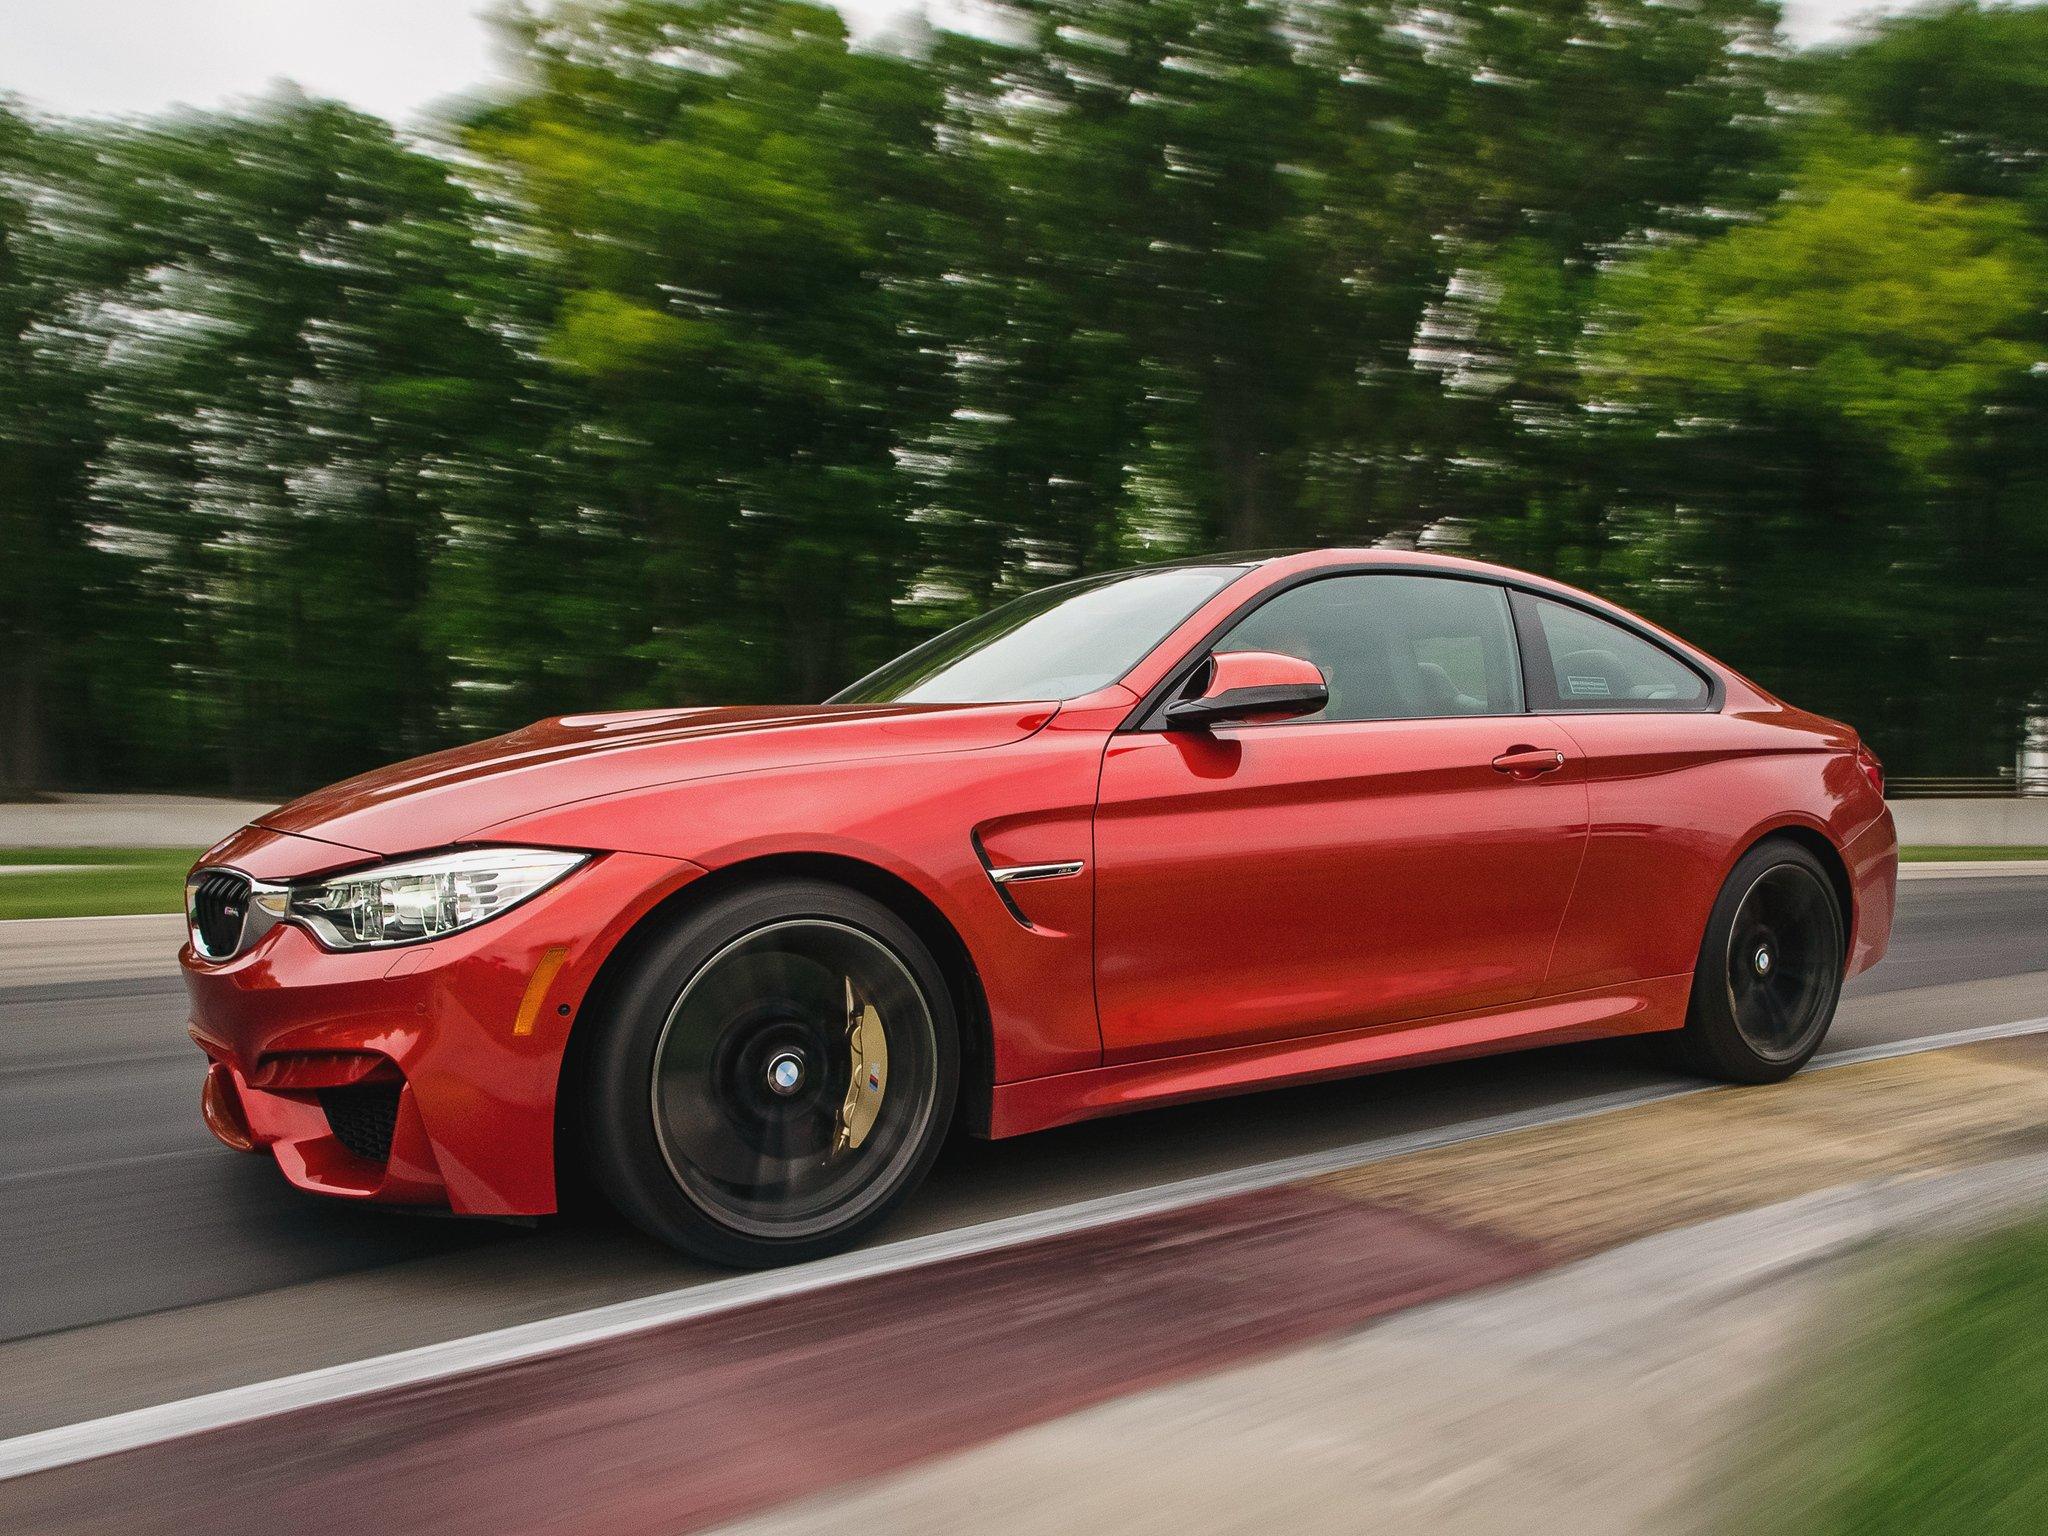 2015_BMW_M_4_Coupe_US_spec__F82_____fs_2048x1536.jpg